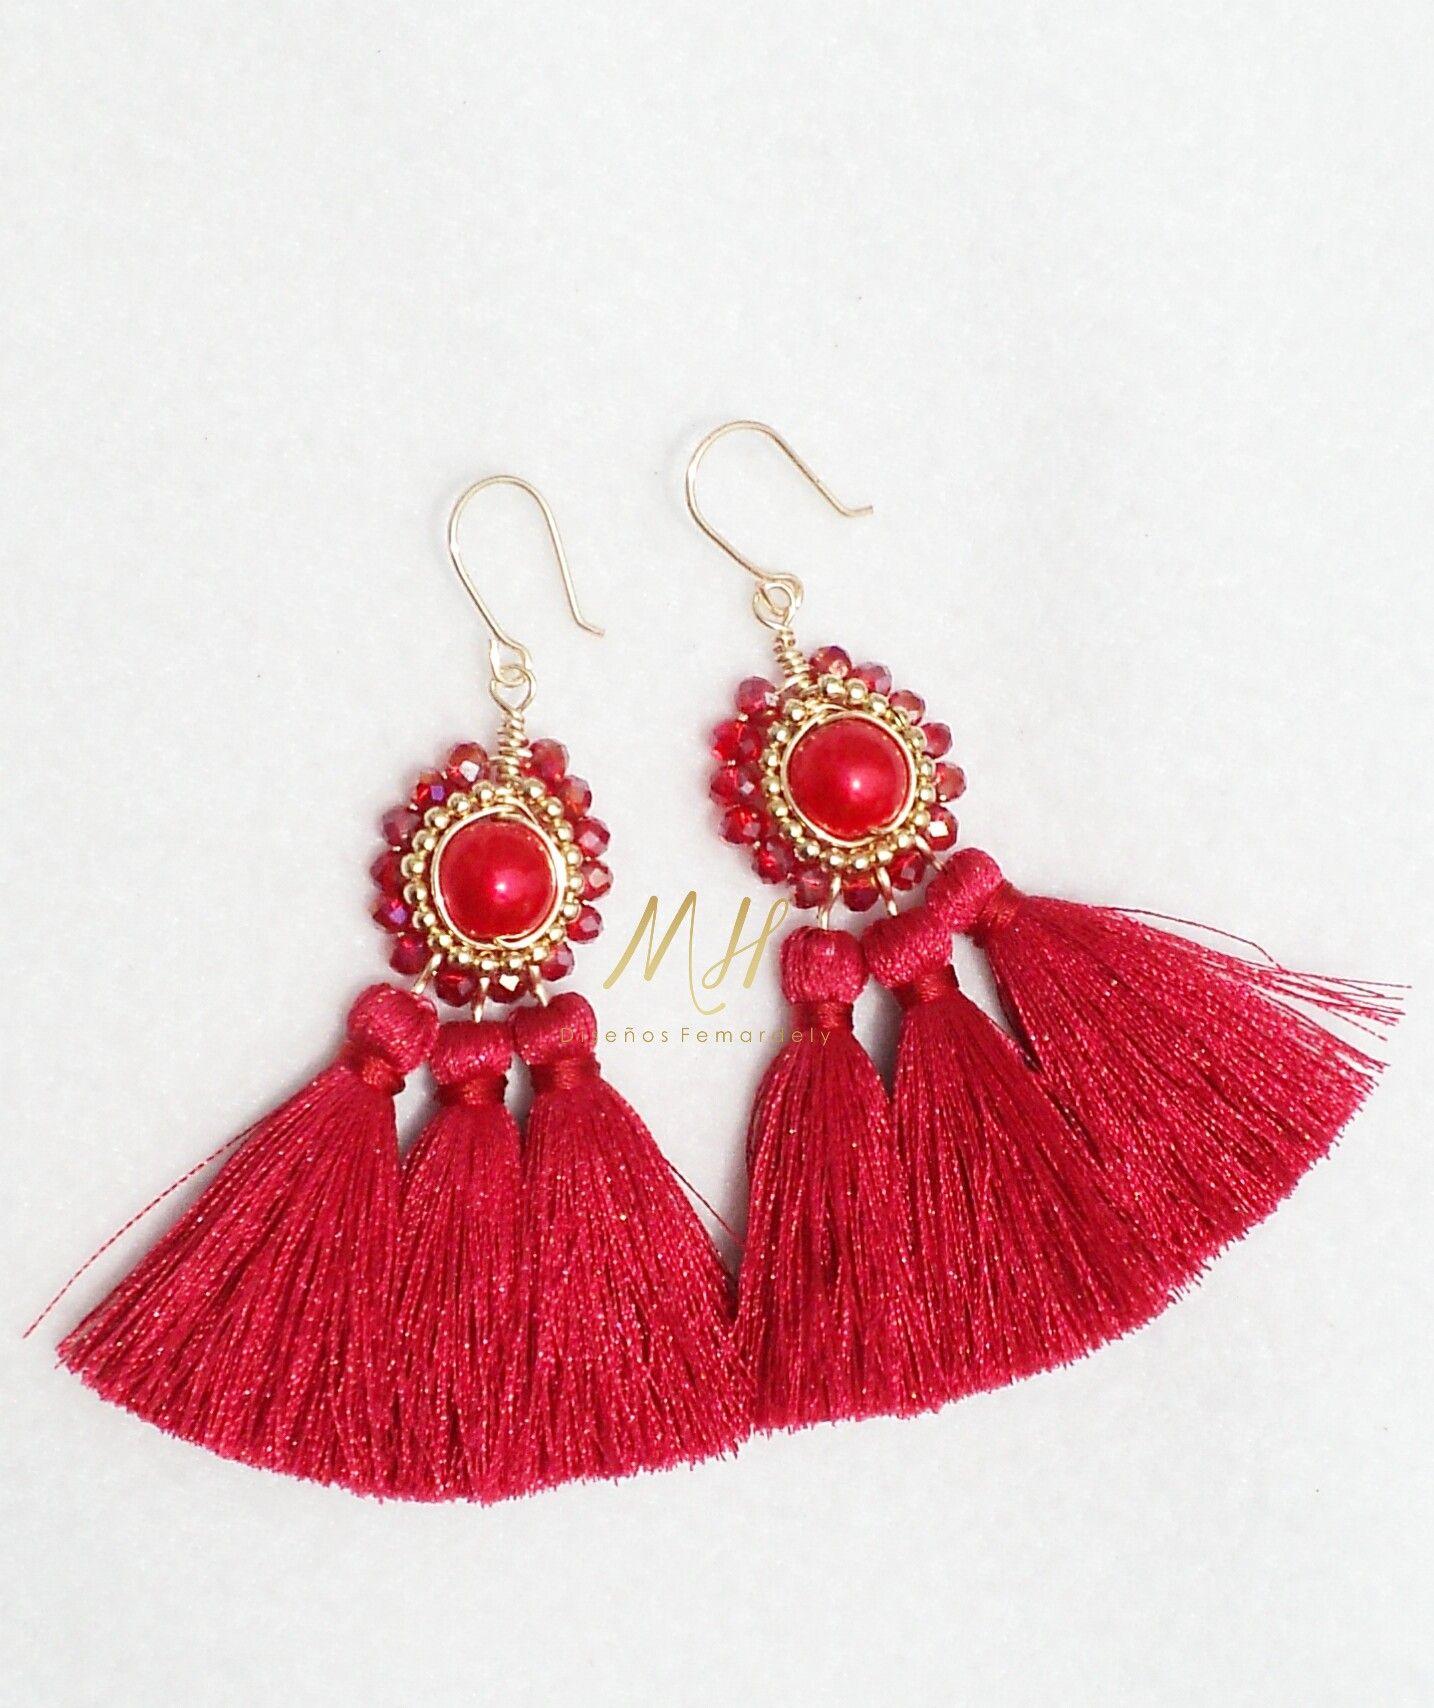 revisa 083de 163db Aretes rojos tassel cristale, joyería artesanal, hecho a ...